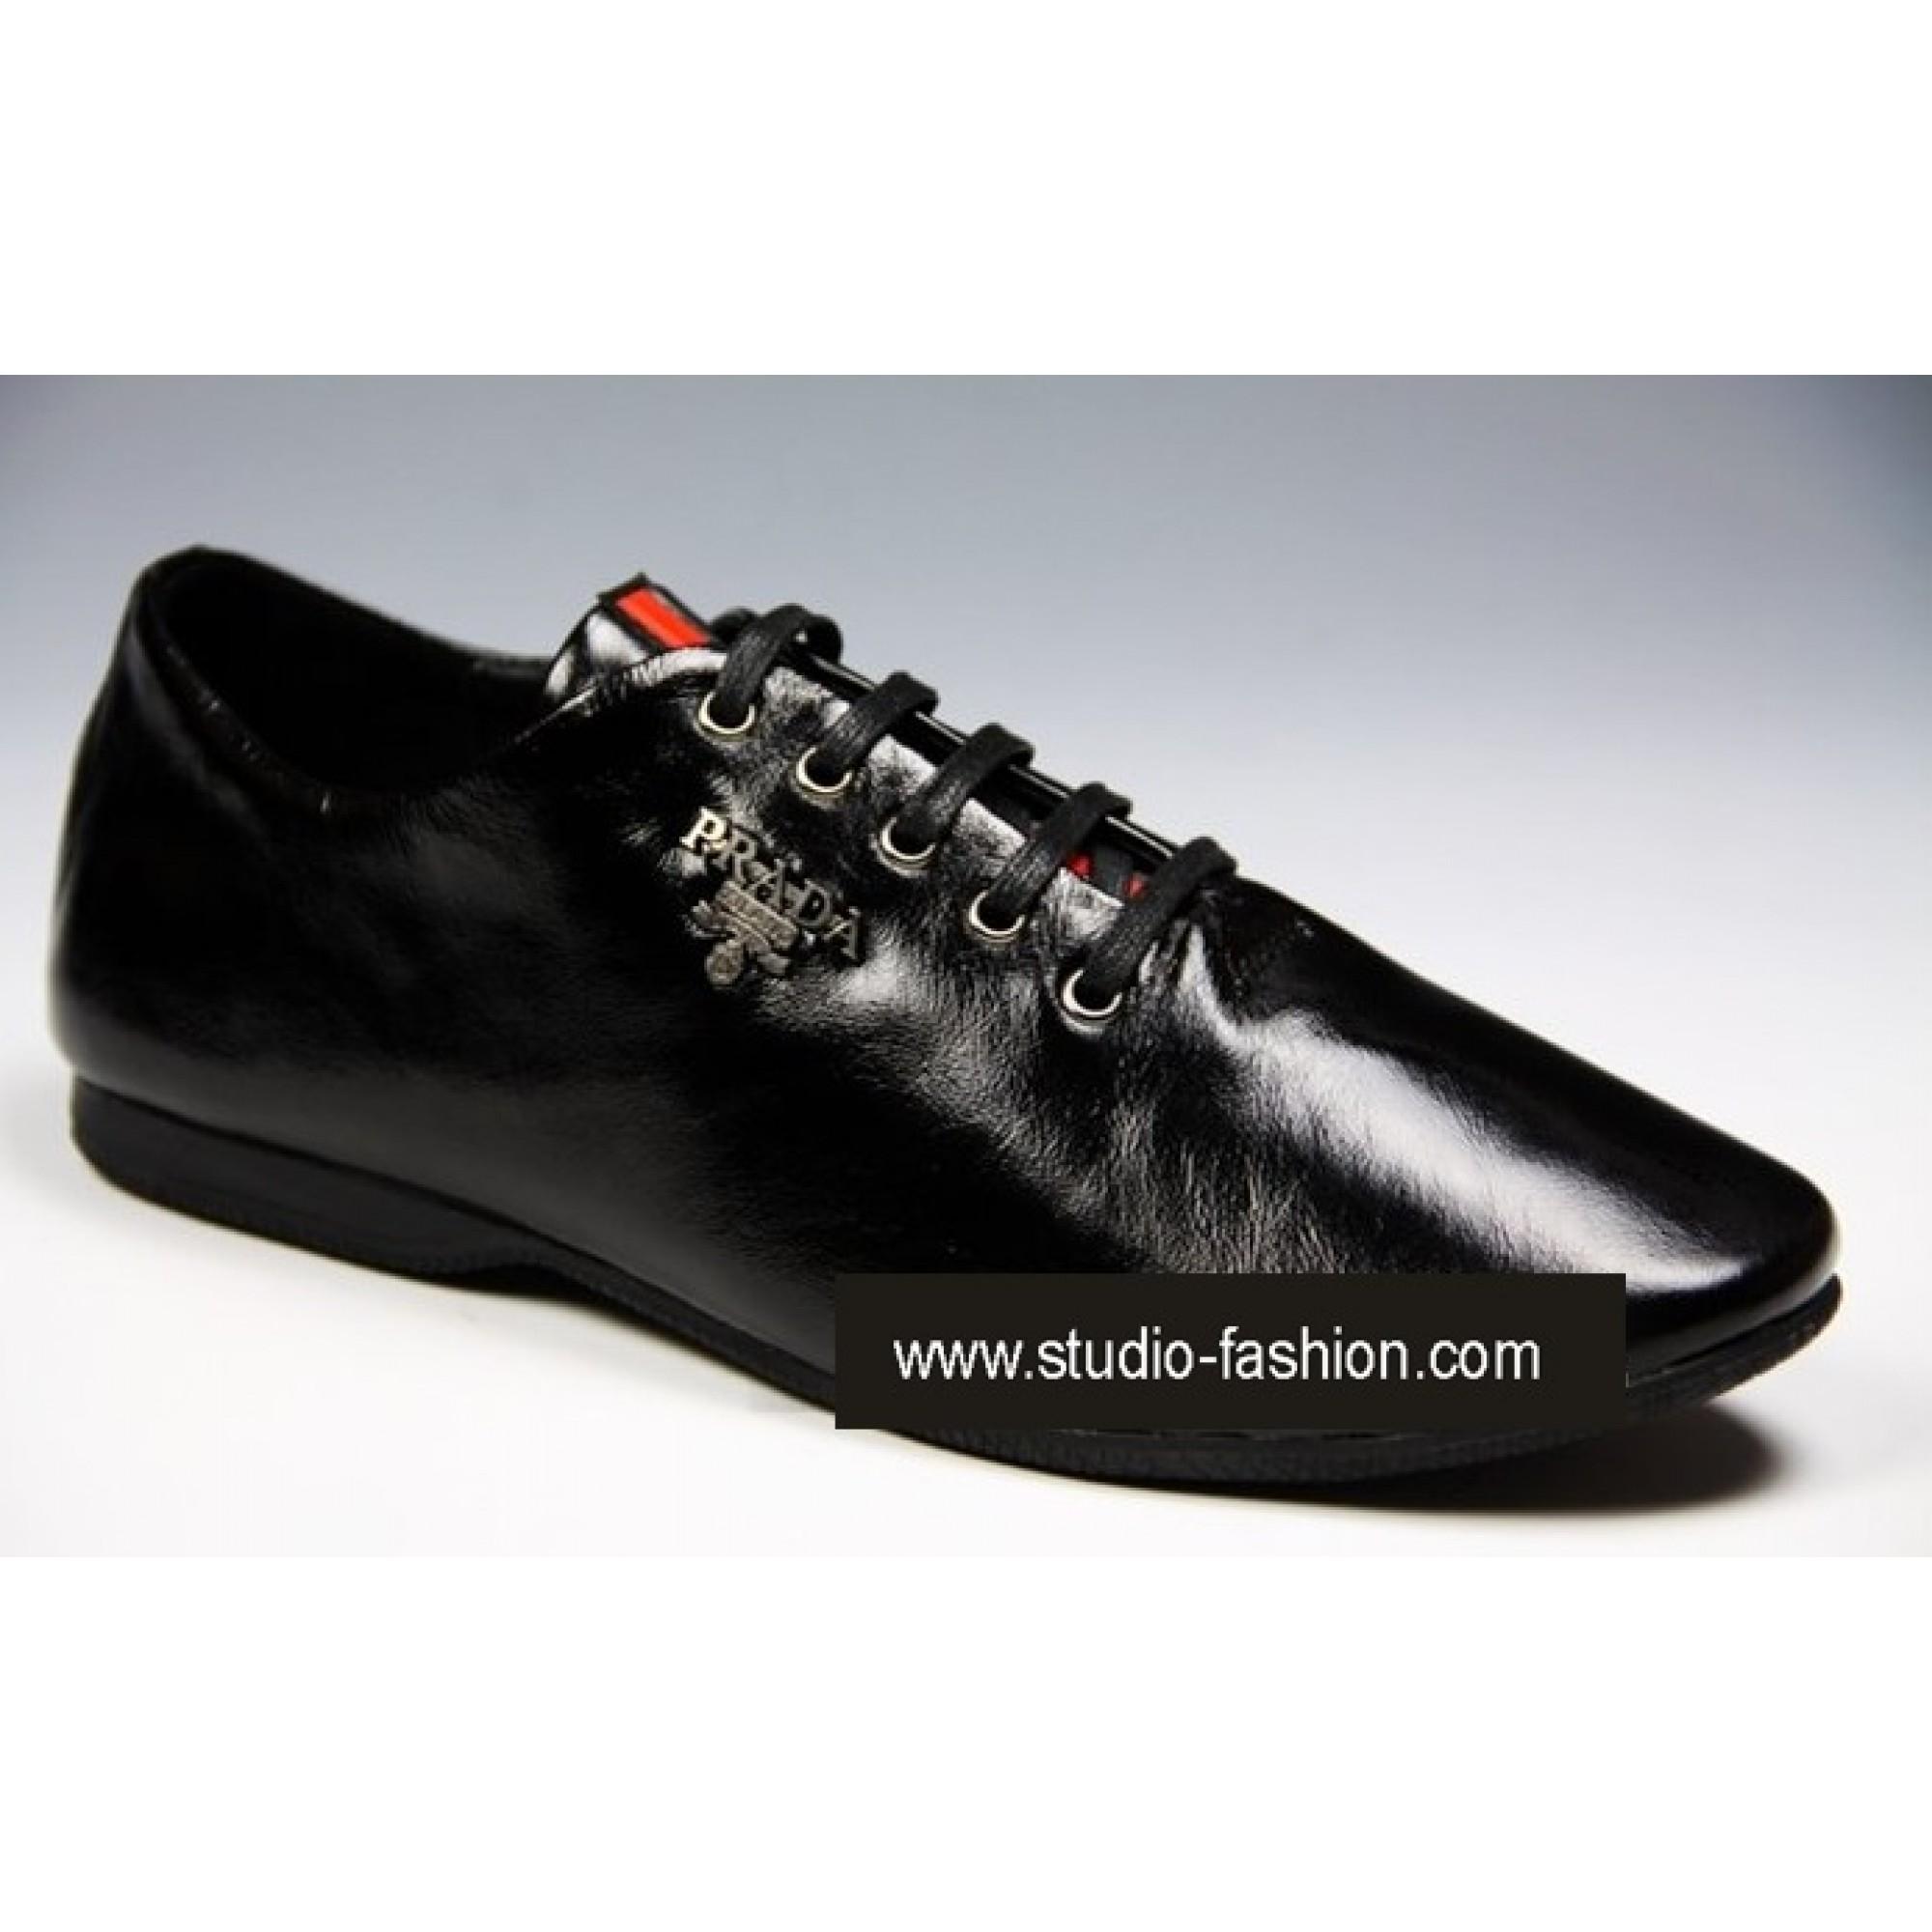 5ab1a68cb929 Купить черные классические кроссовки Prada — в Киеве, код товара 4021